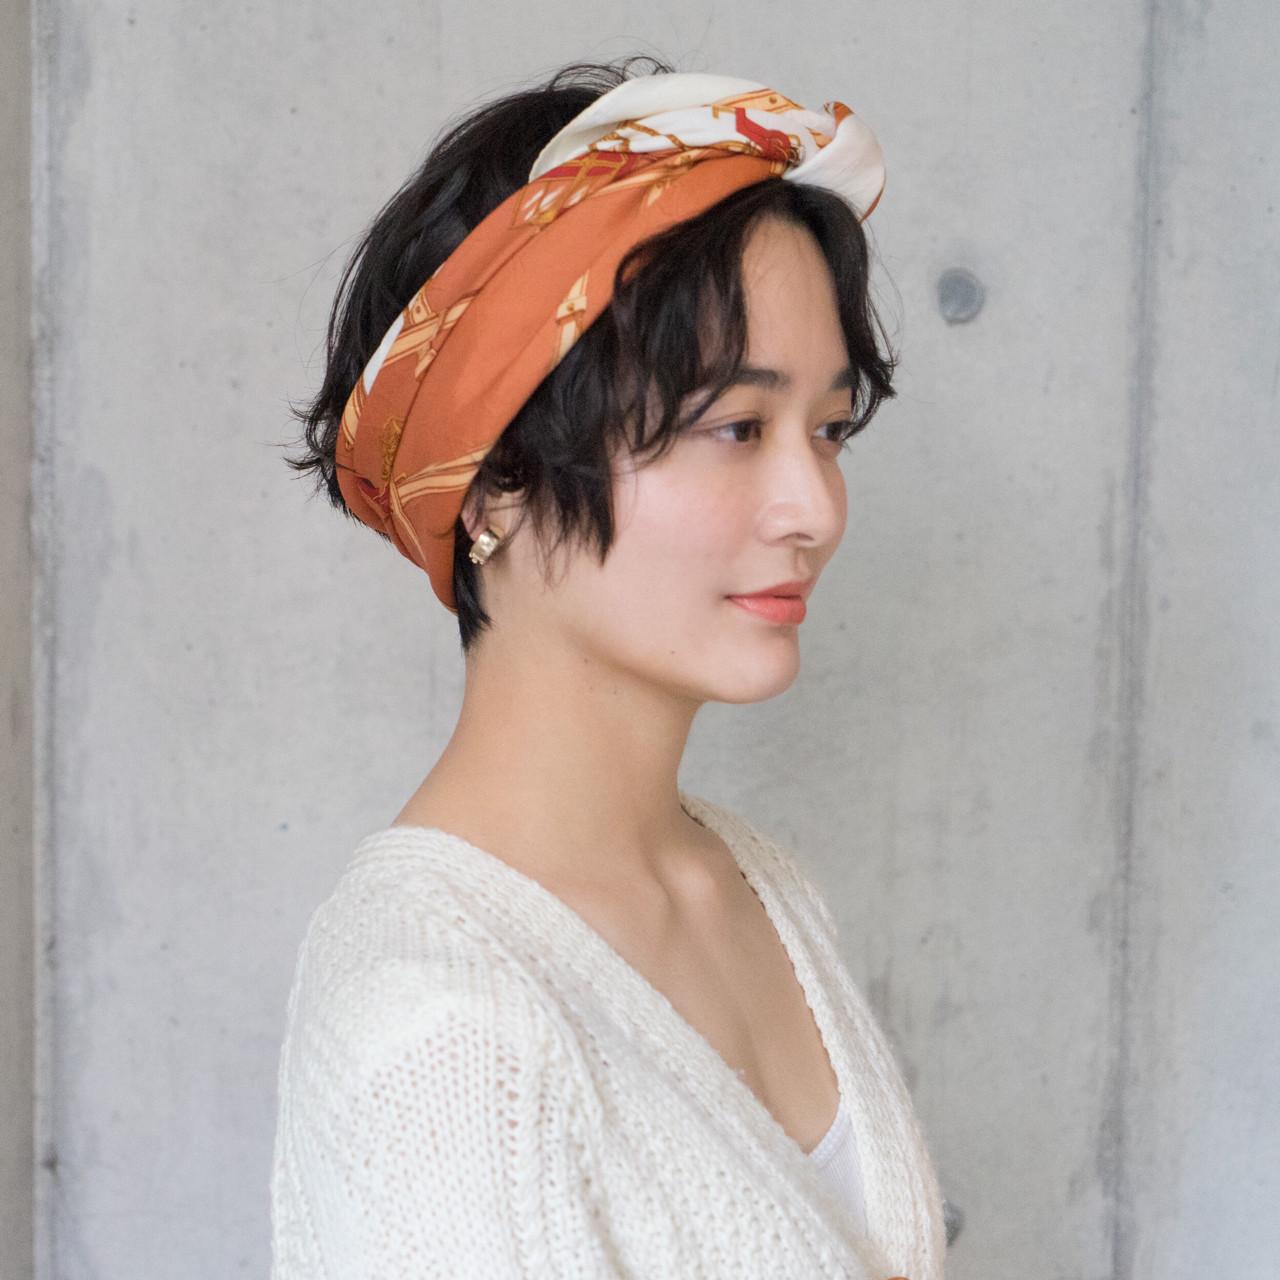 スカーフアレンジでレトロクラシック タカハシ アヤミ | ROVER